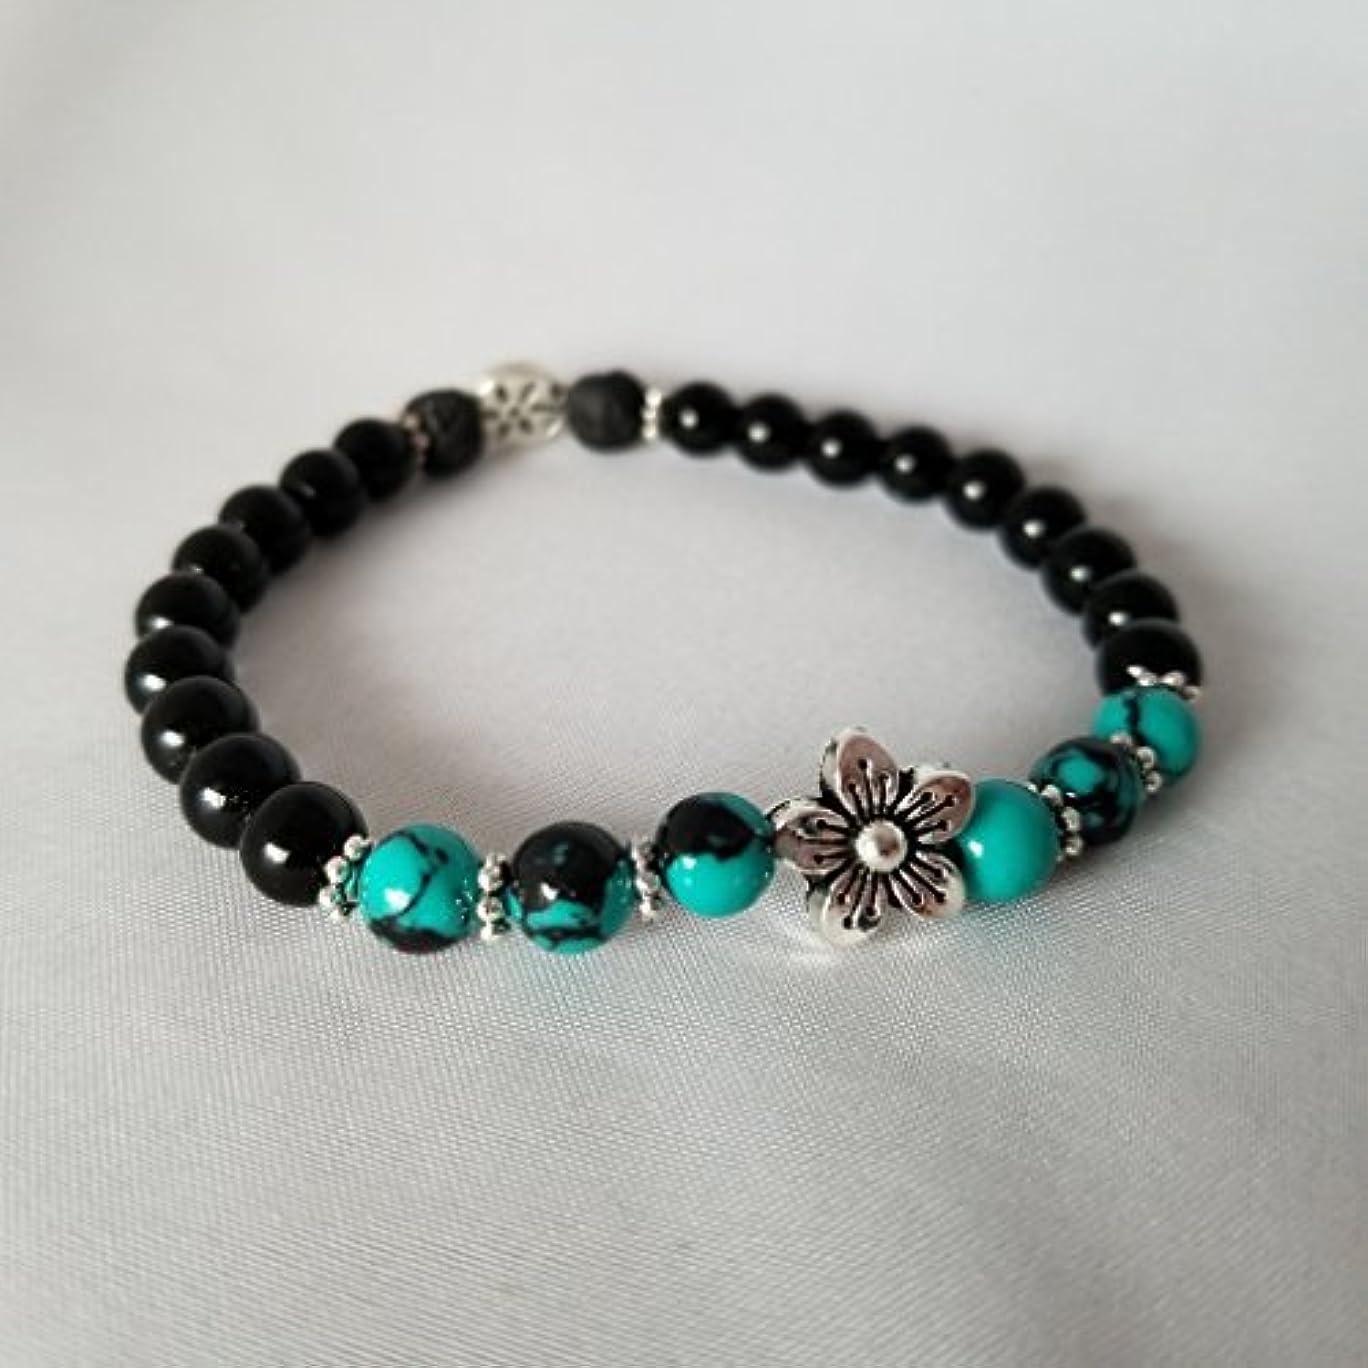 マーベル限定場所Handmade Turquoise Black Jasper and Black Lava Essential Oil Diffuser Bracelet featuring Silver Plated Flower...